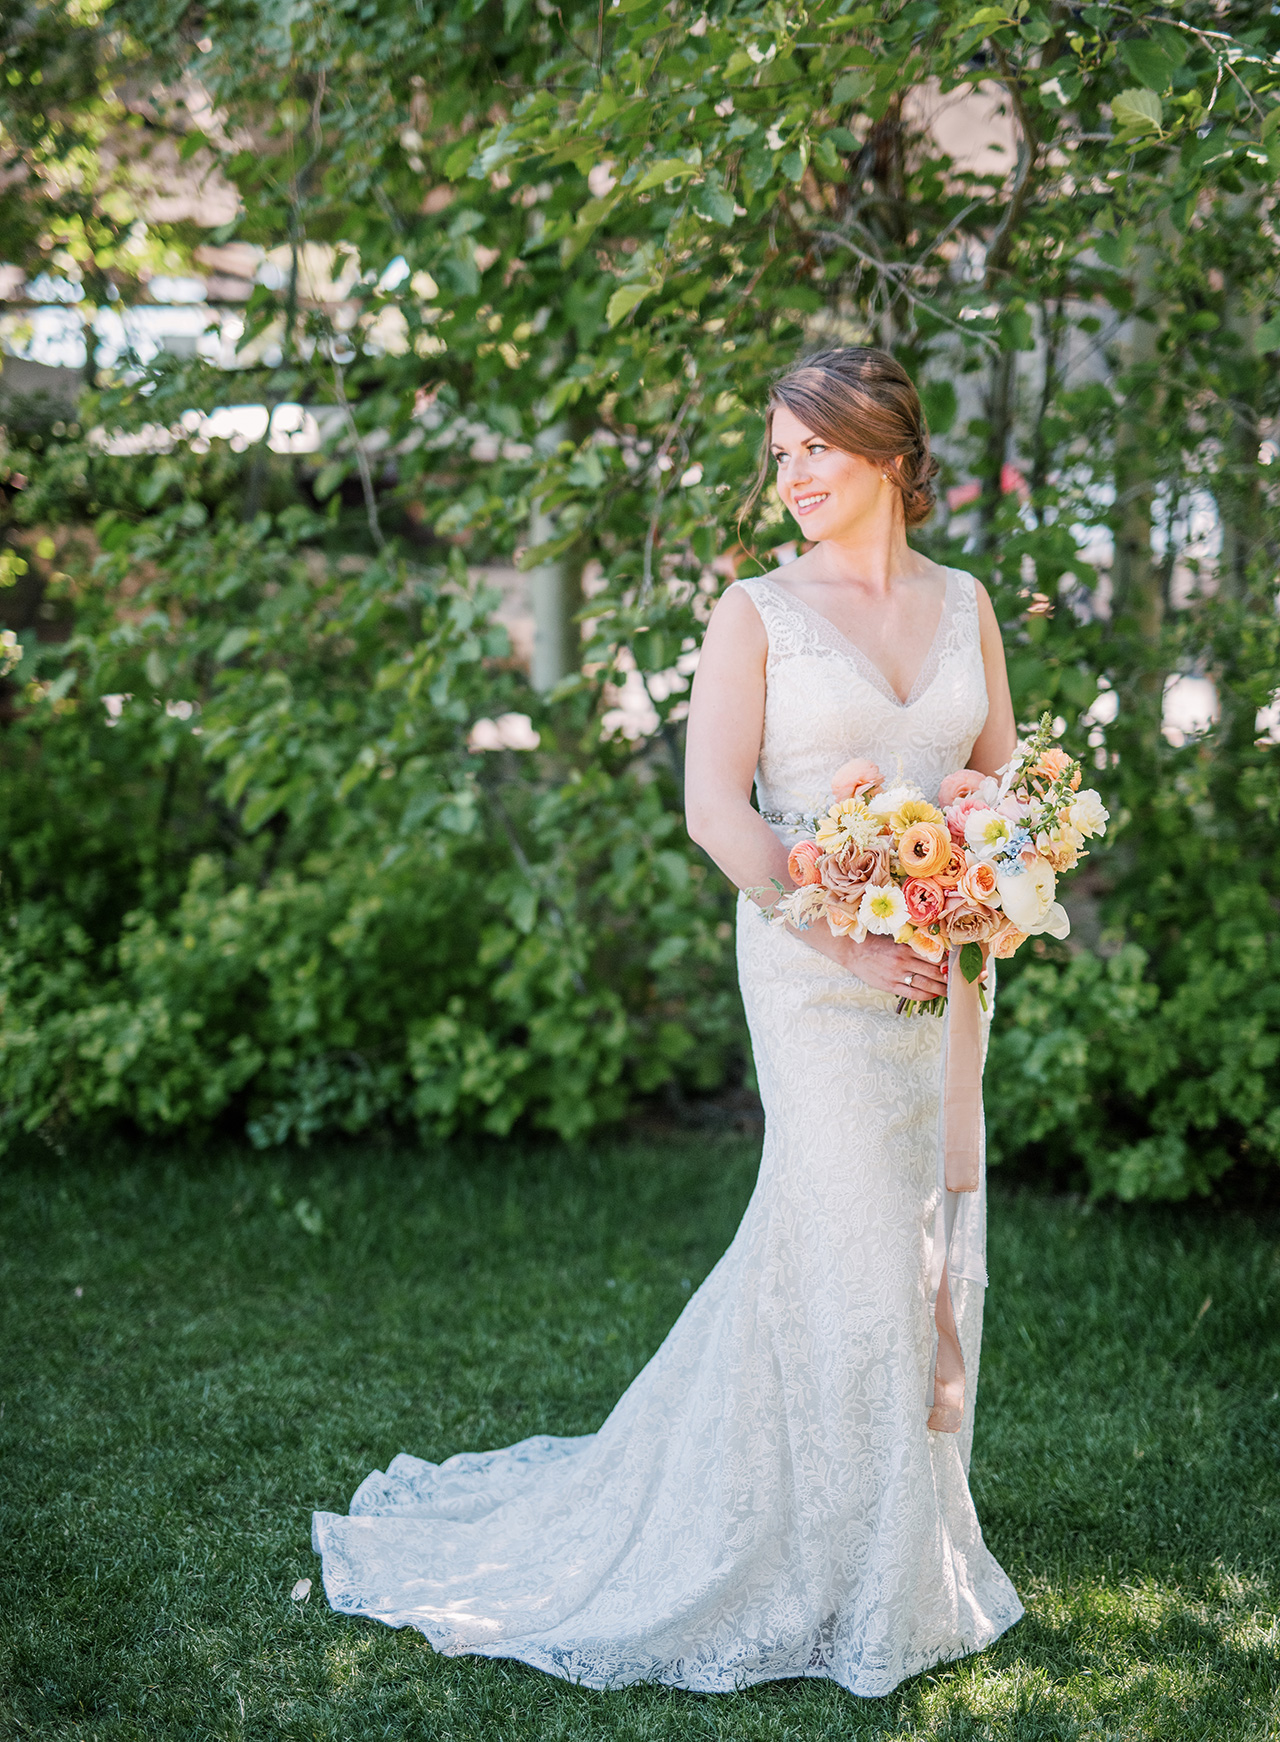 a-line v-neck wedding dress outdoor pose